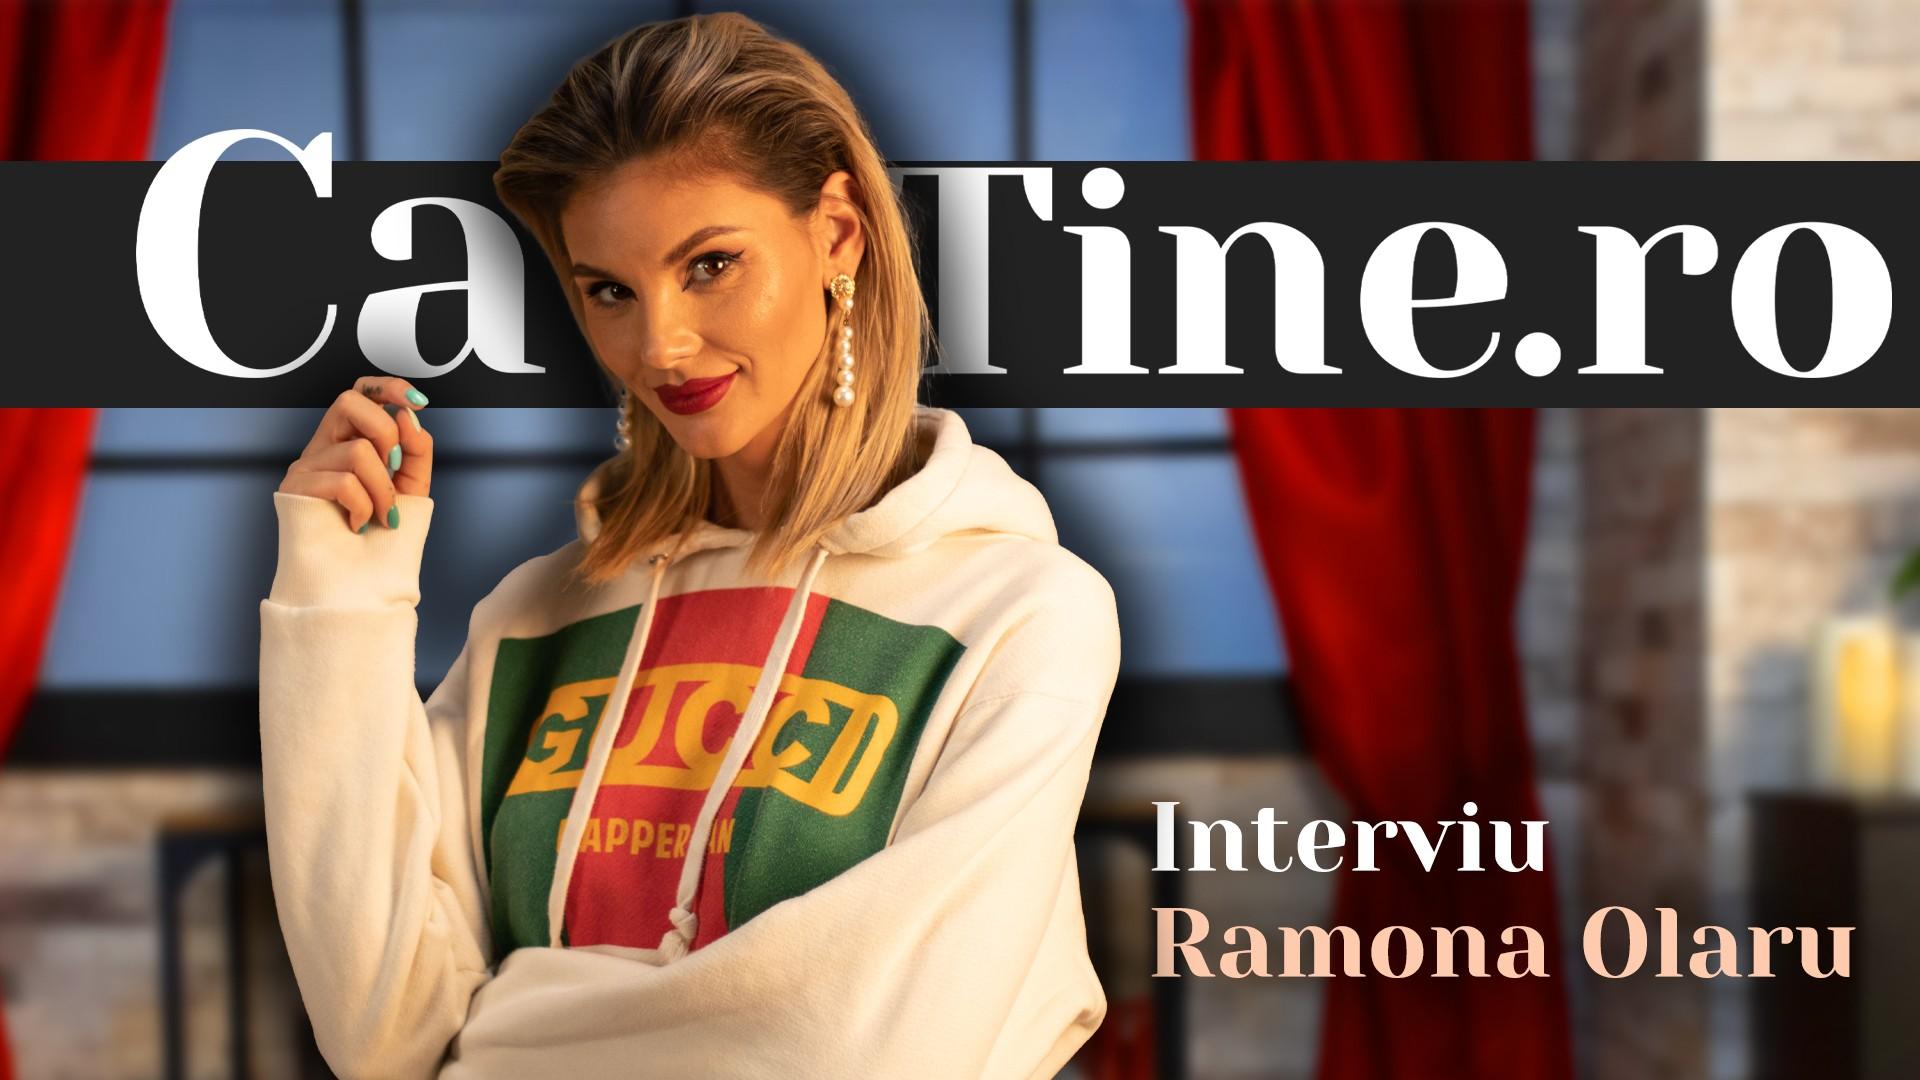 CaTine.Ro - Interviu Ramona Olaru - Sinceră